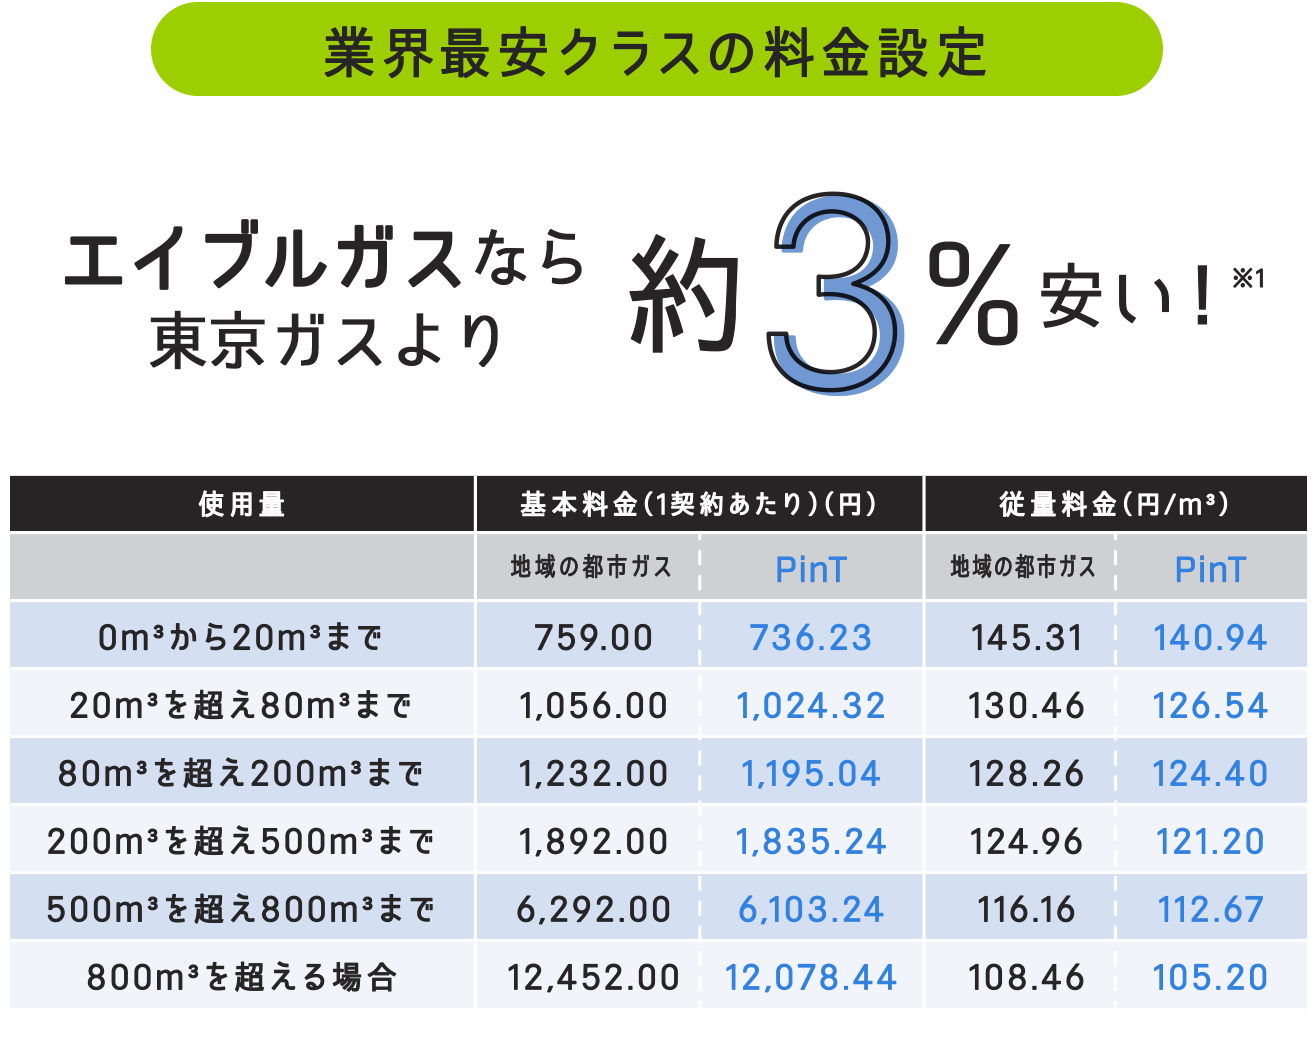 ガス 解約 東京